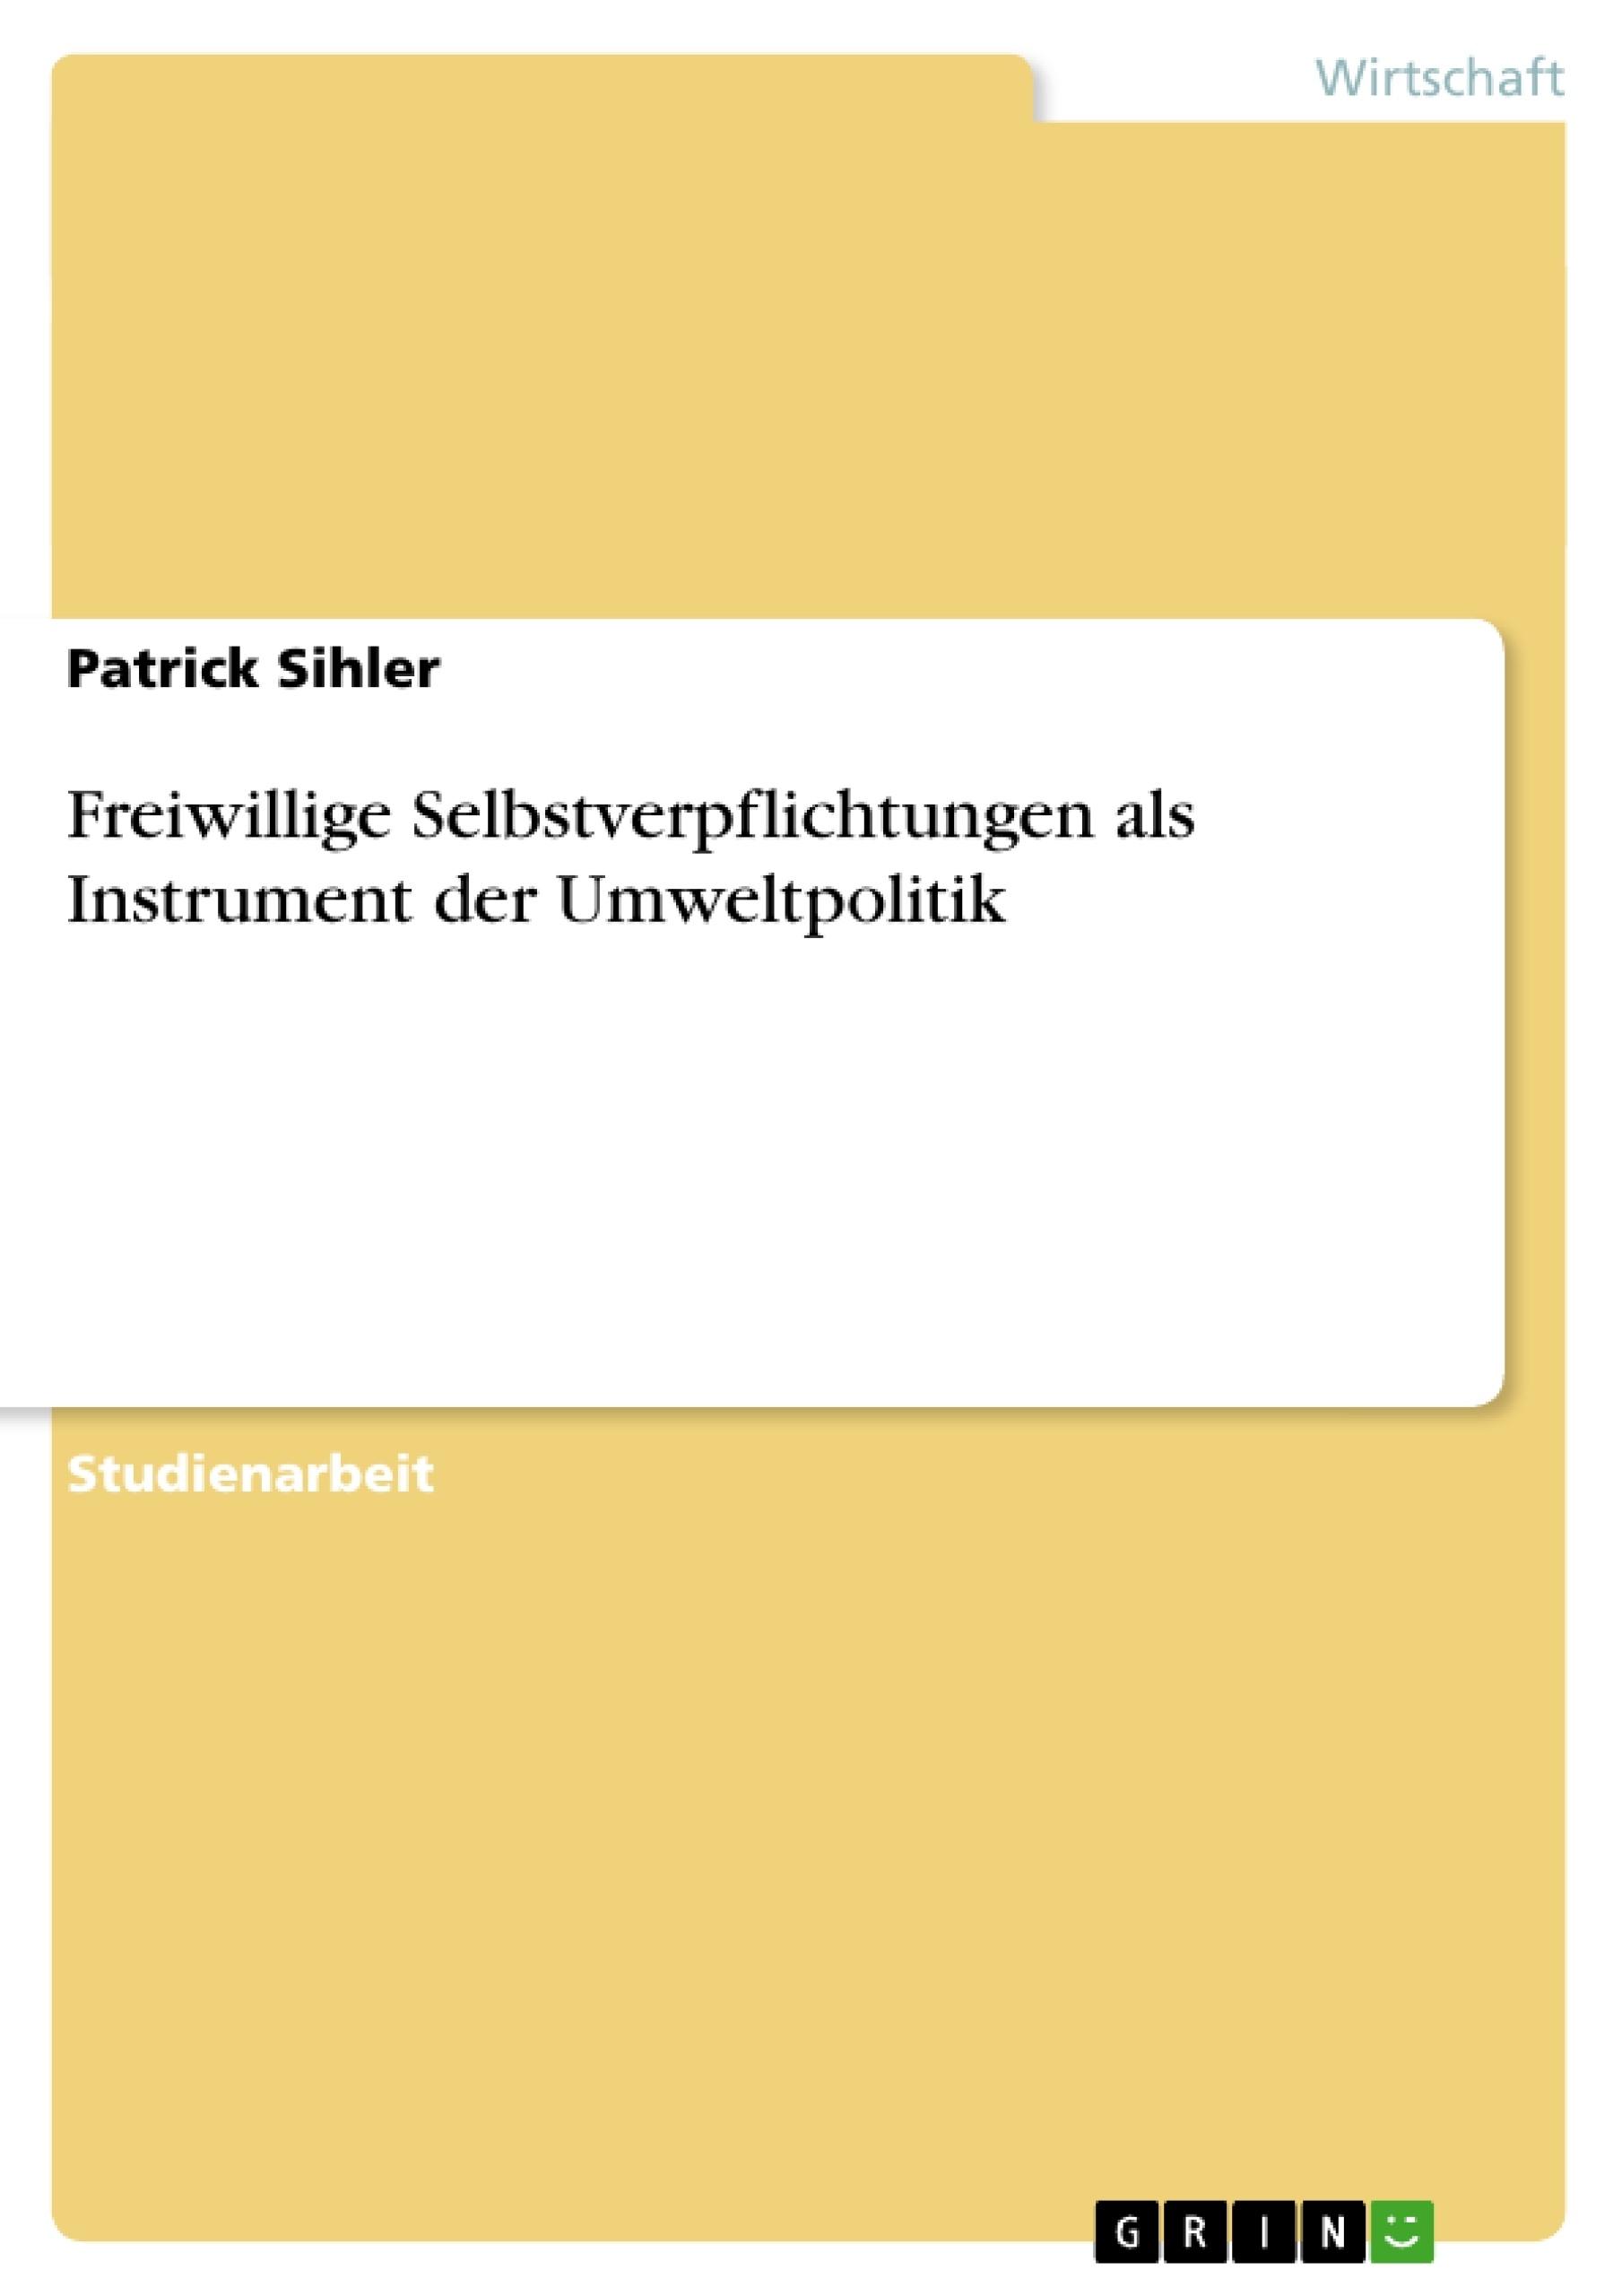 Titel: Freiwillige Selbstverpflichtungen als Instrument der Umweltpolitik